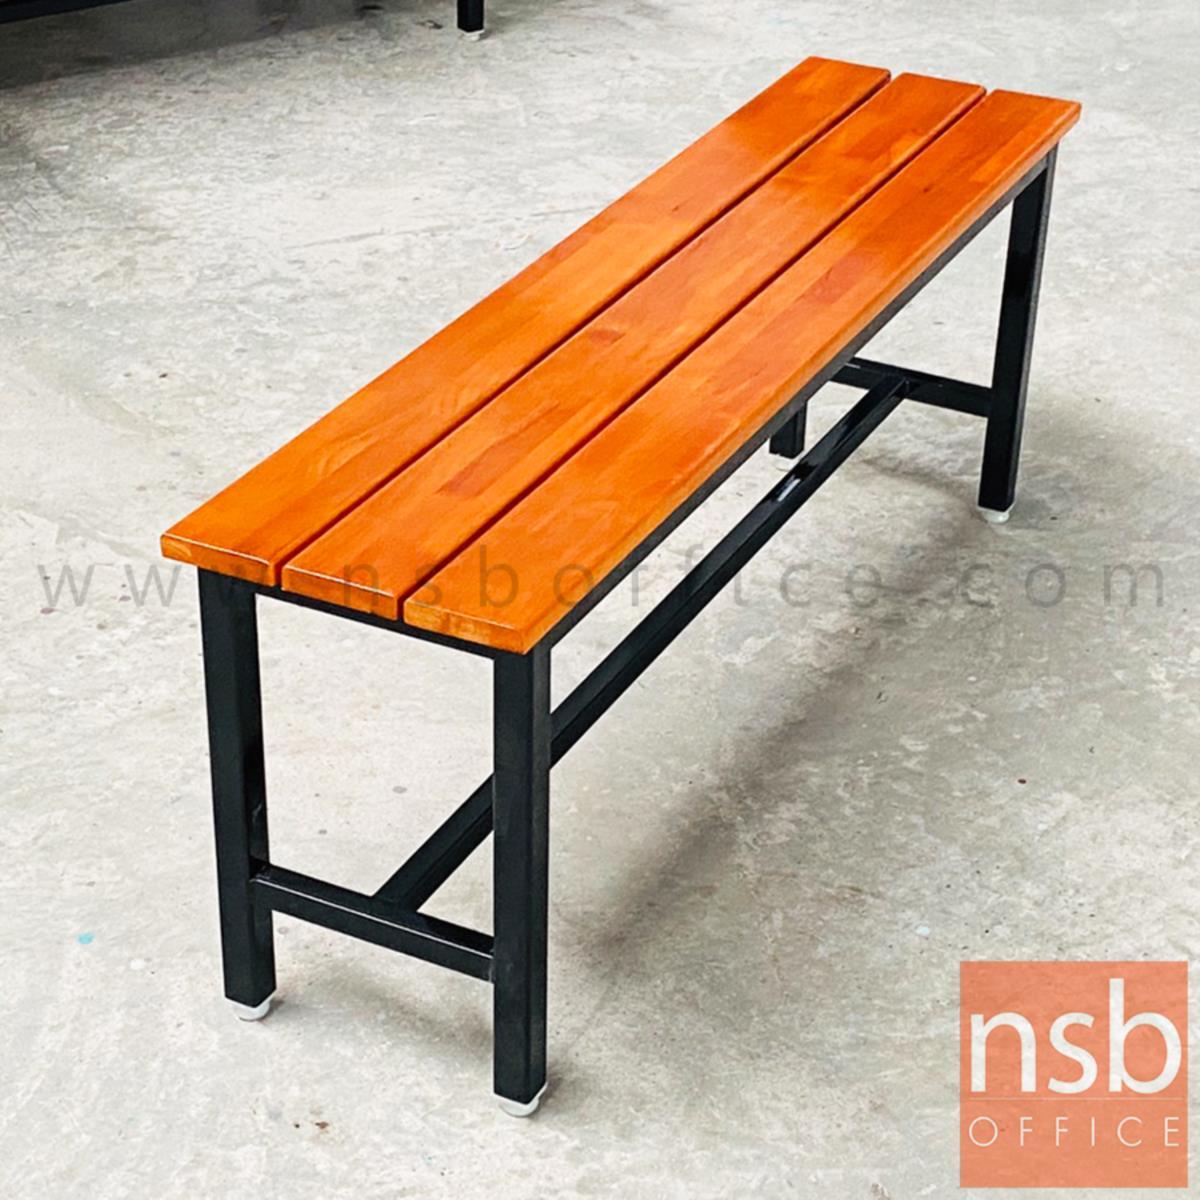 """B22A130:ม้านั่งโรงอาหาร ไม้สักระแนง ทำสีสักหน้า 4"""" นิ้ว  (ลึก 30D cm) ขาเหล็กสีดำ"""